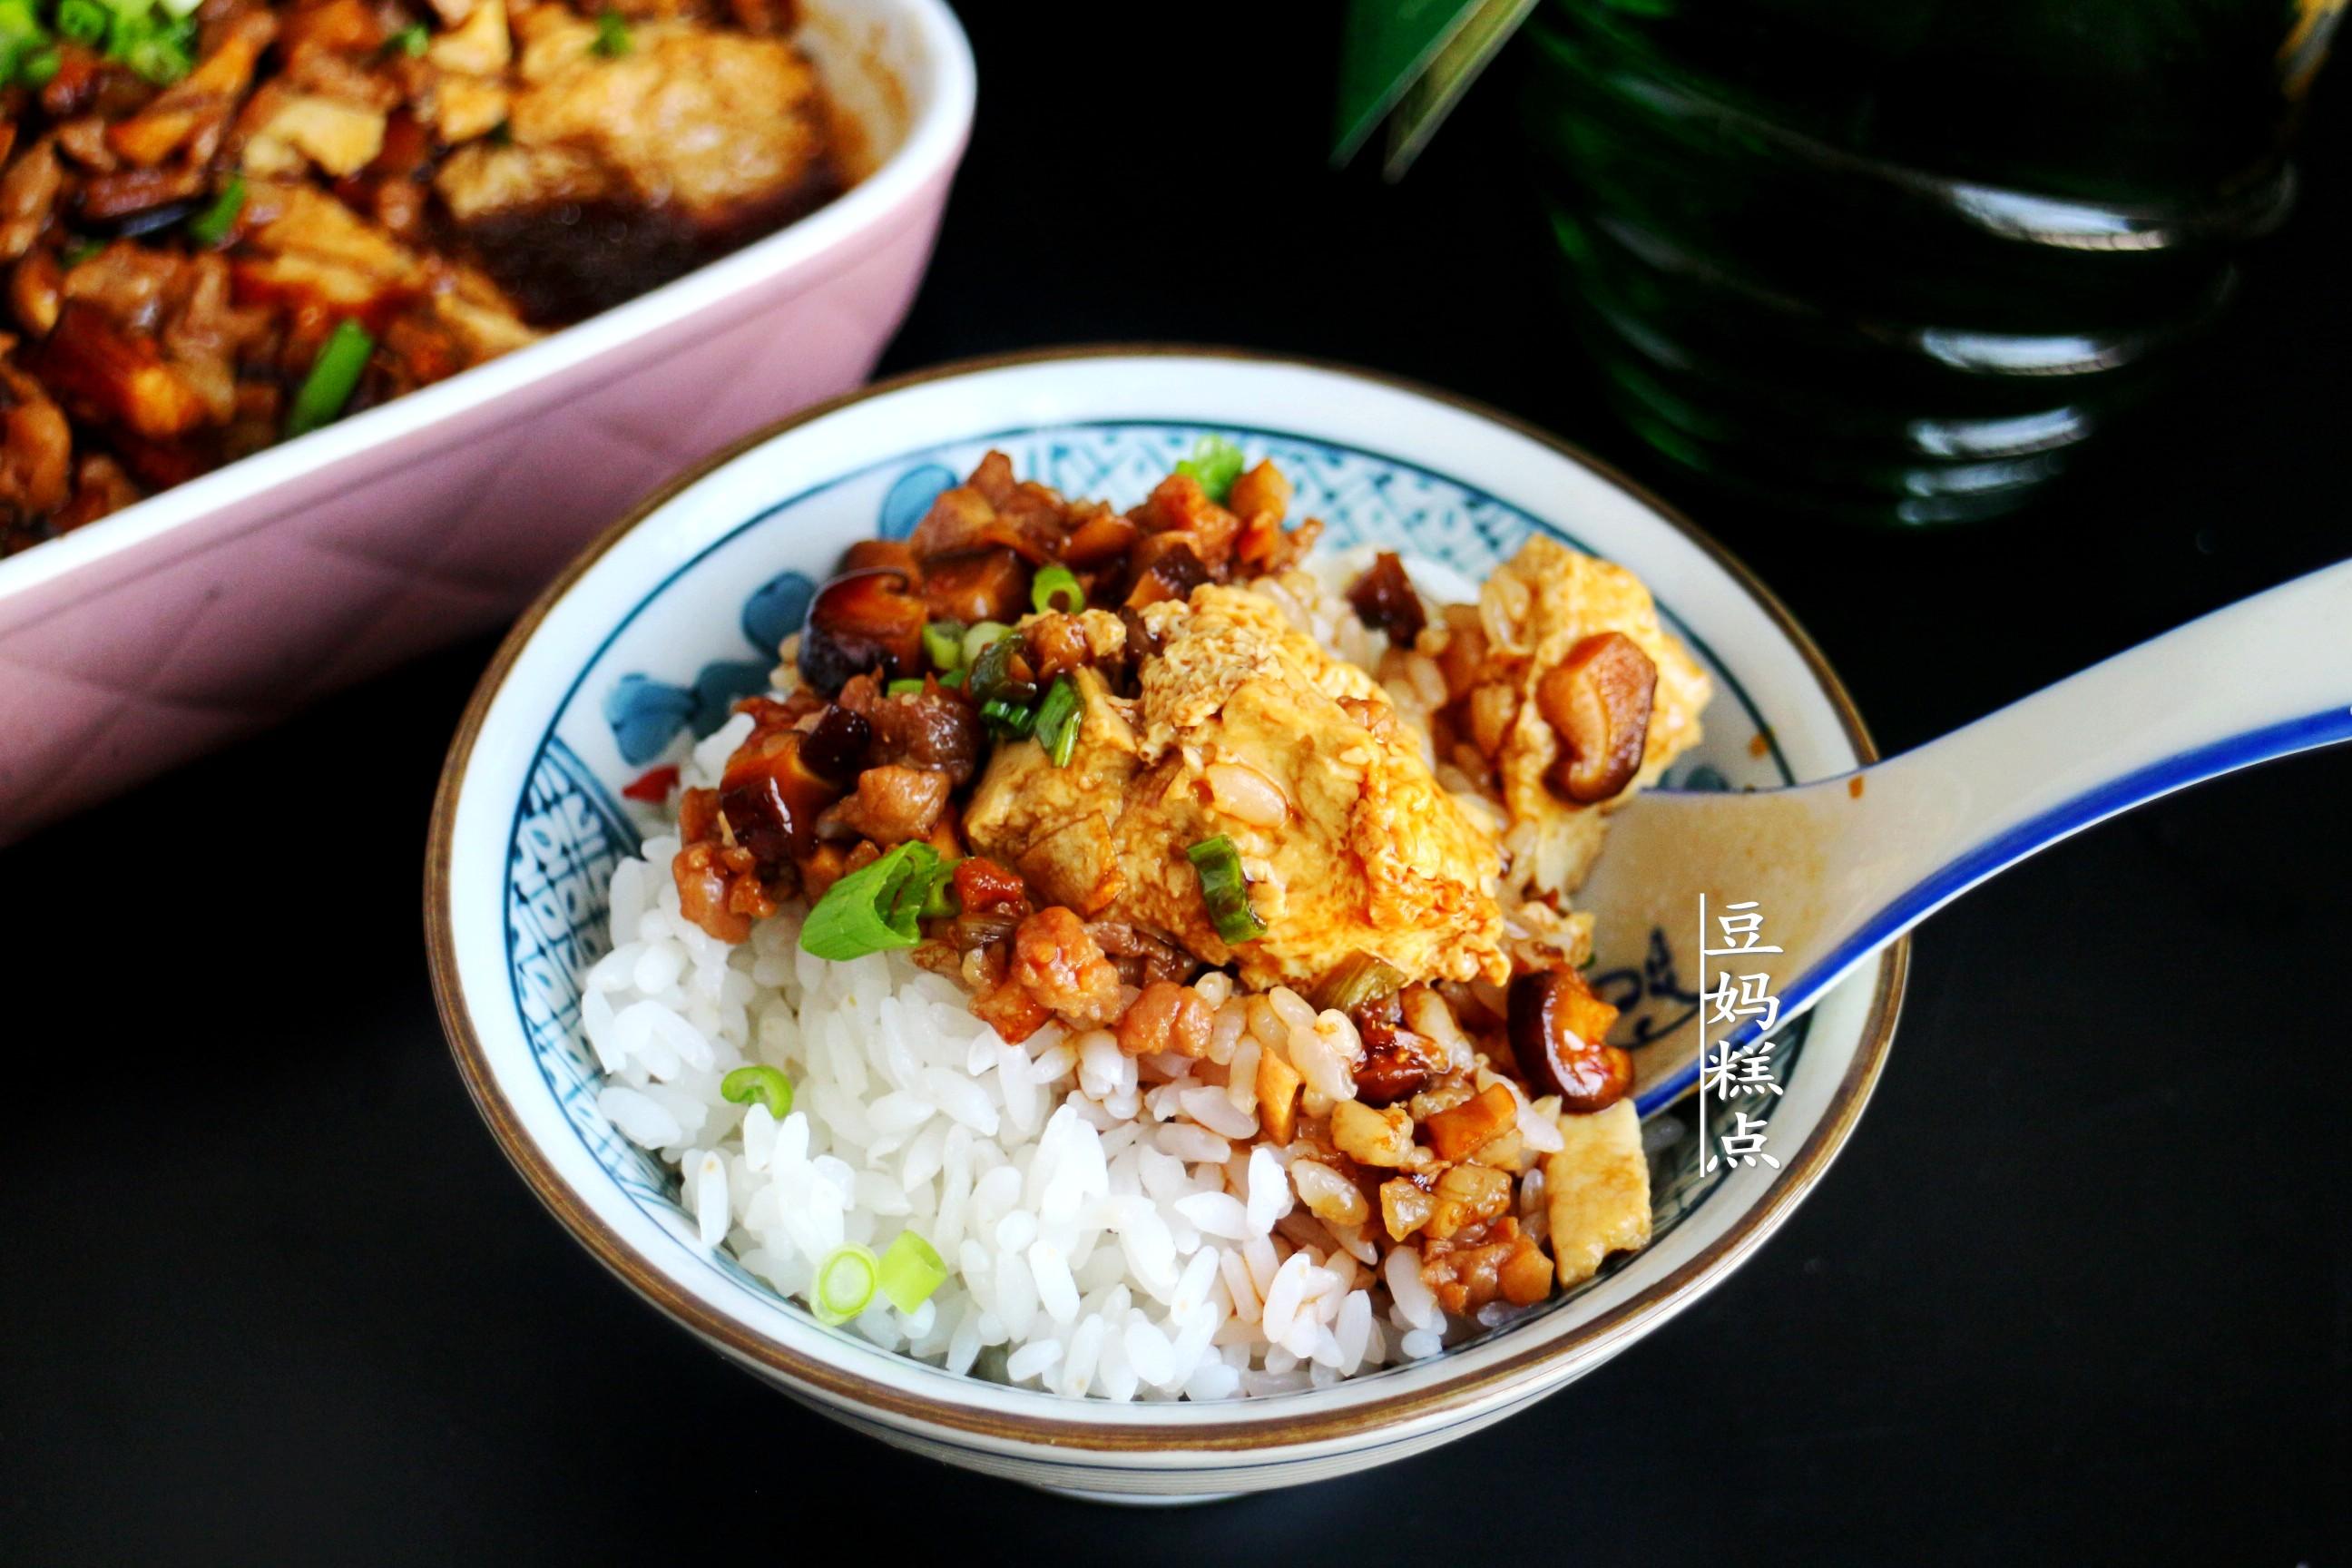 冷天,豆腐和雞蛋一起蒸,簡單又營養,孩子連吃2碗米飯